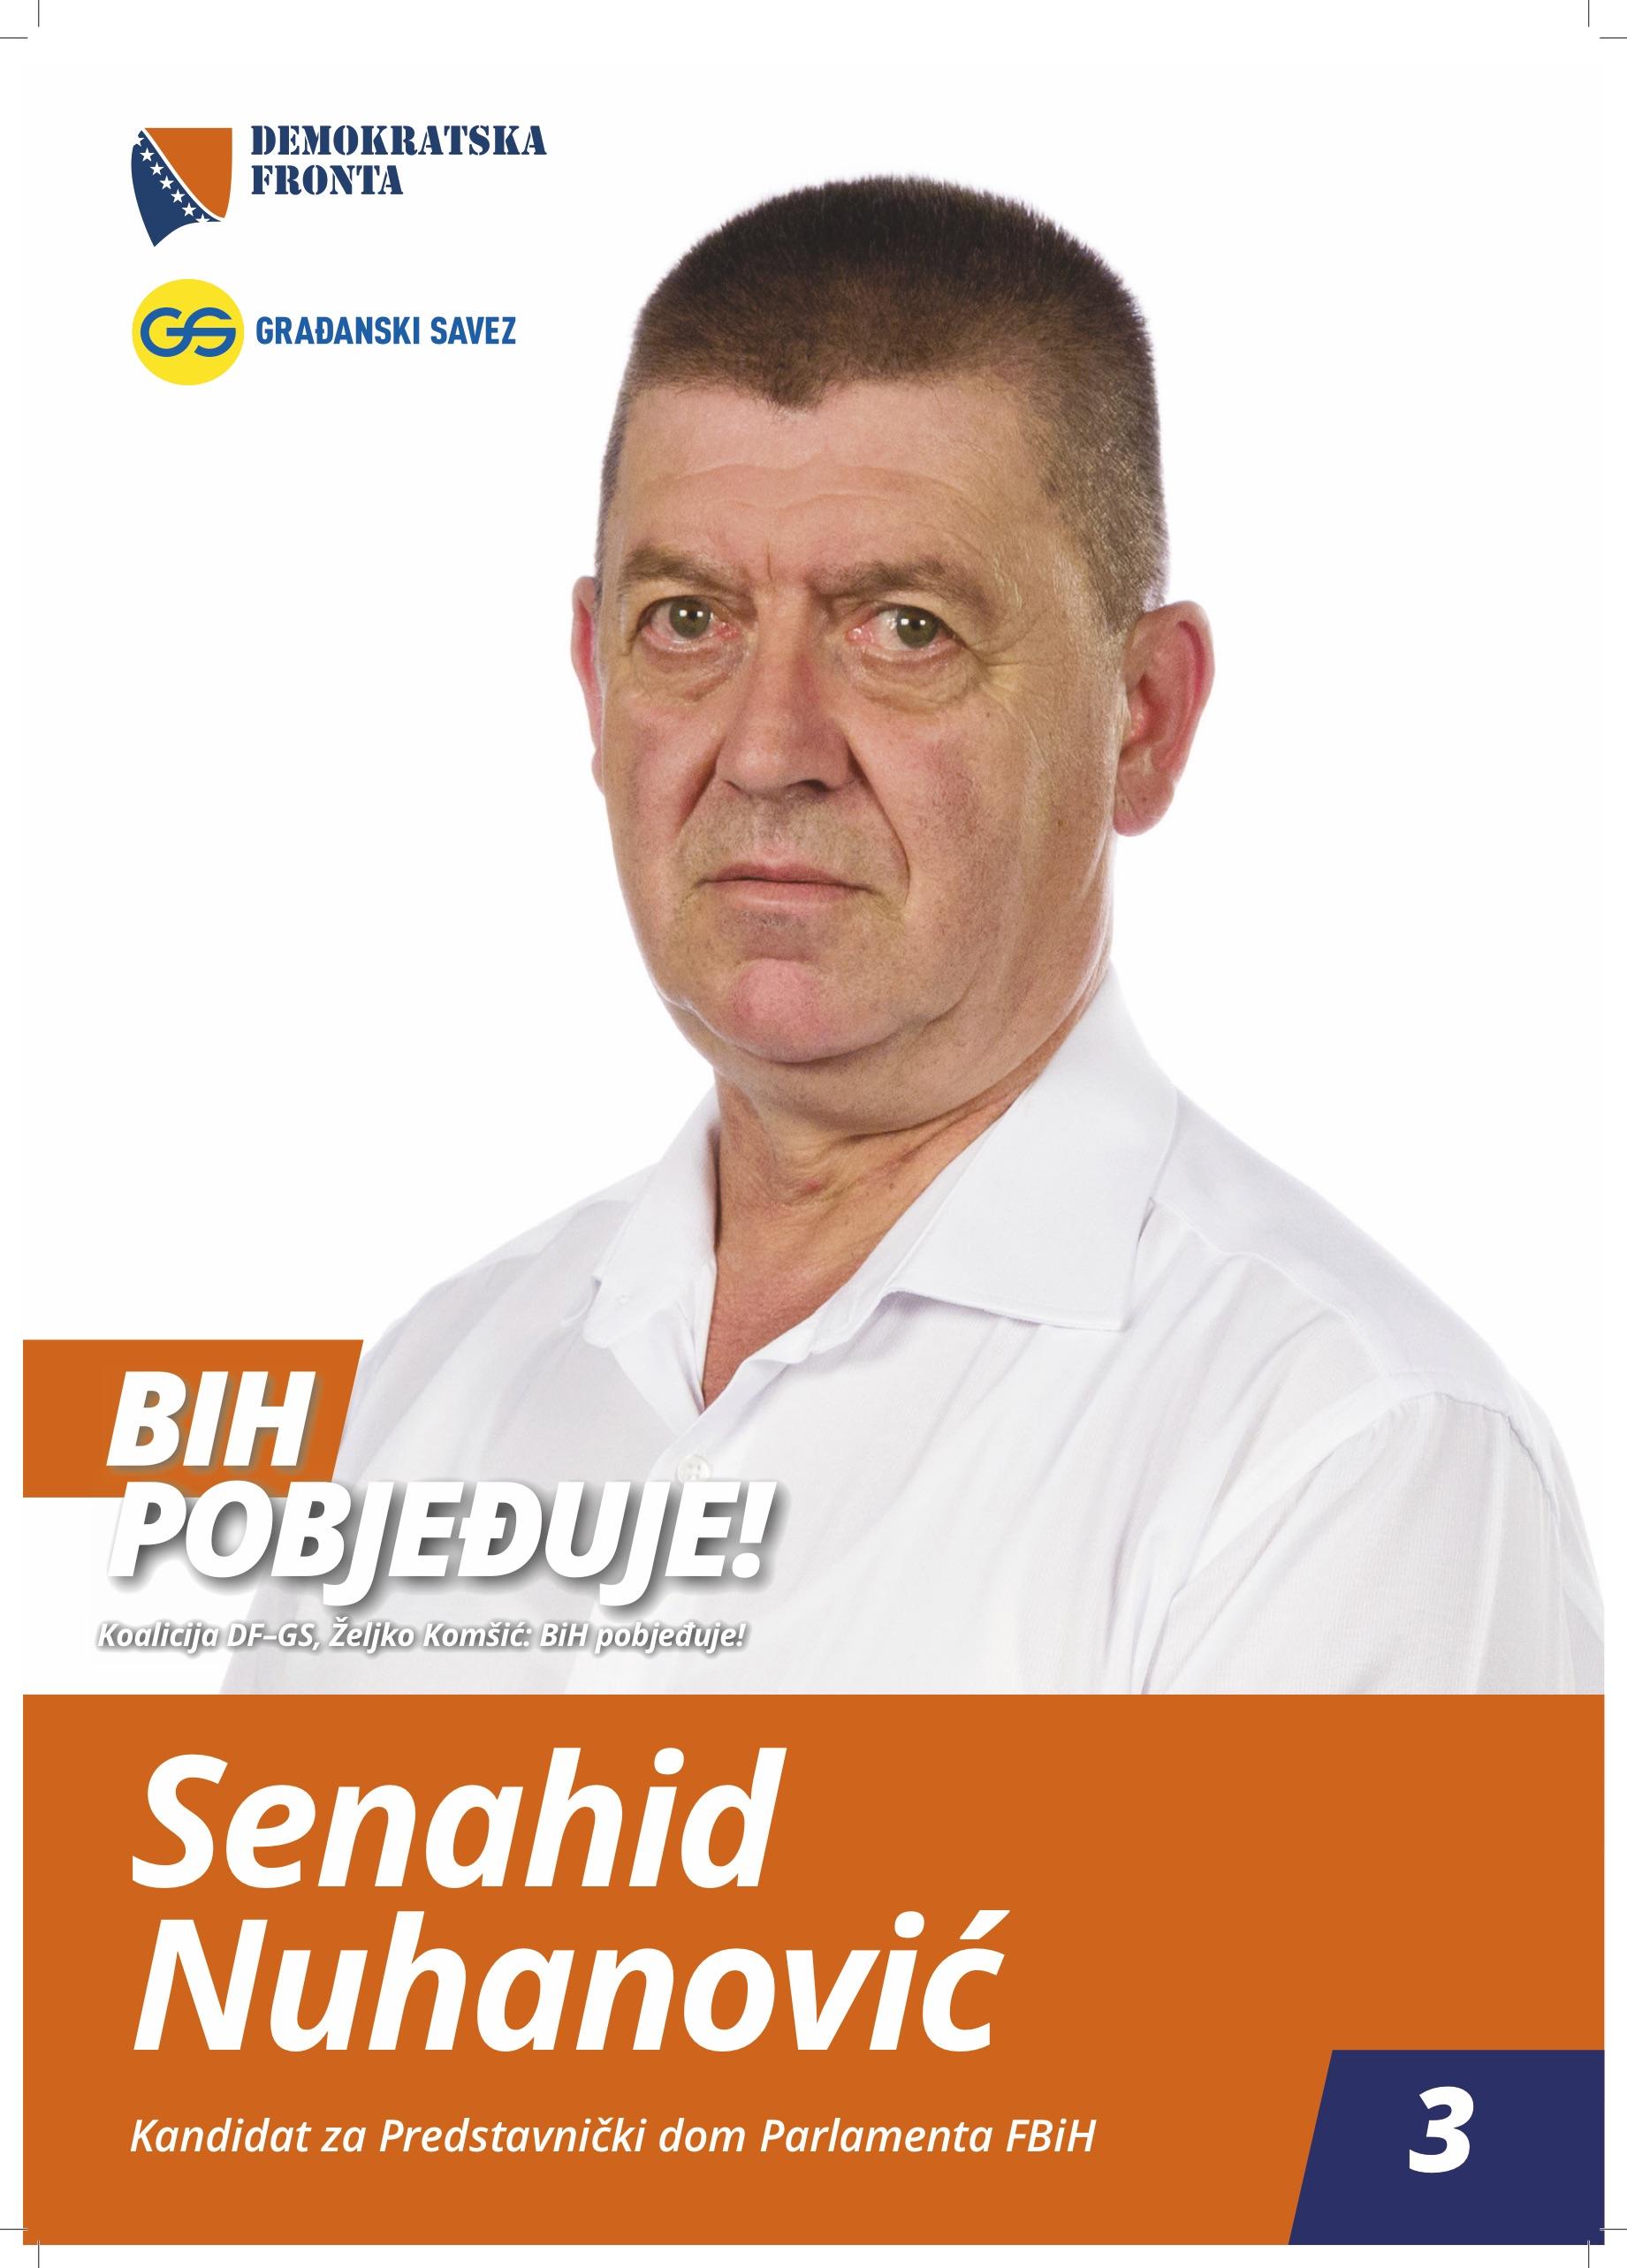 Senahid Nuhanović, diplomirani pravnik